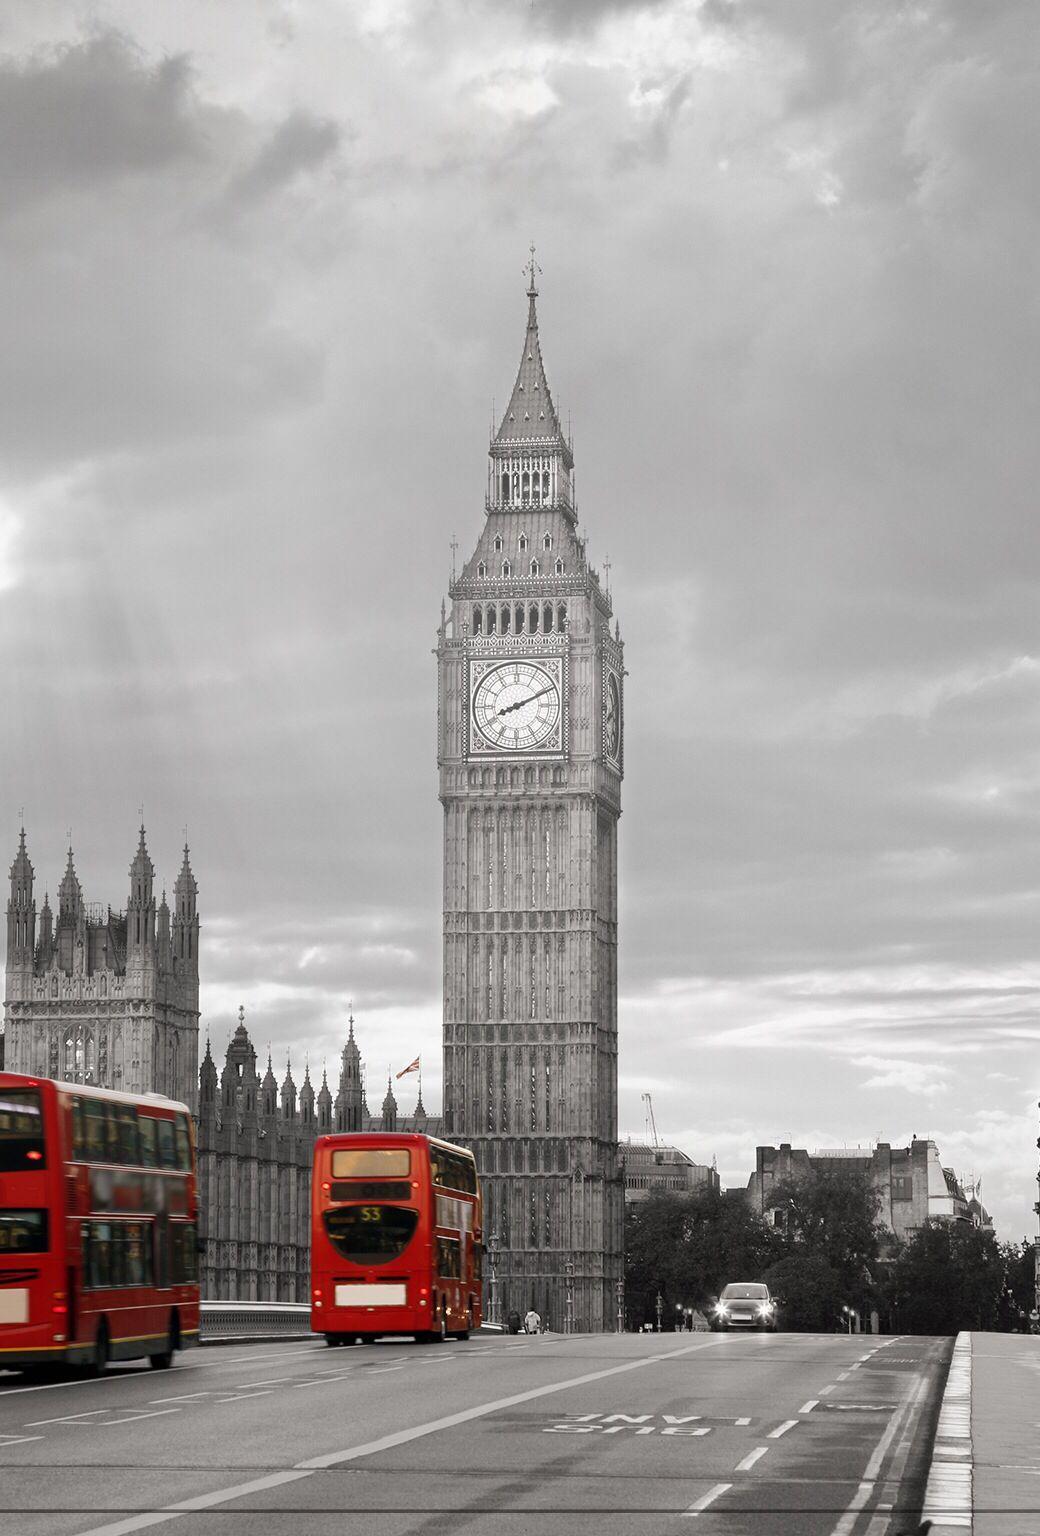 Big Ben Iphone Wallpapers Top Free Big Ben Iphone